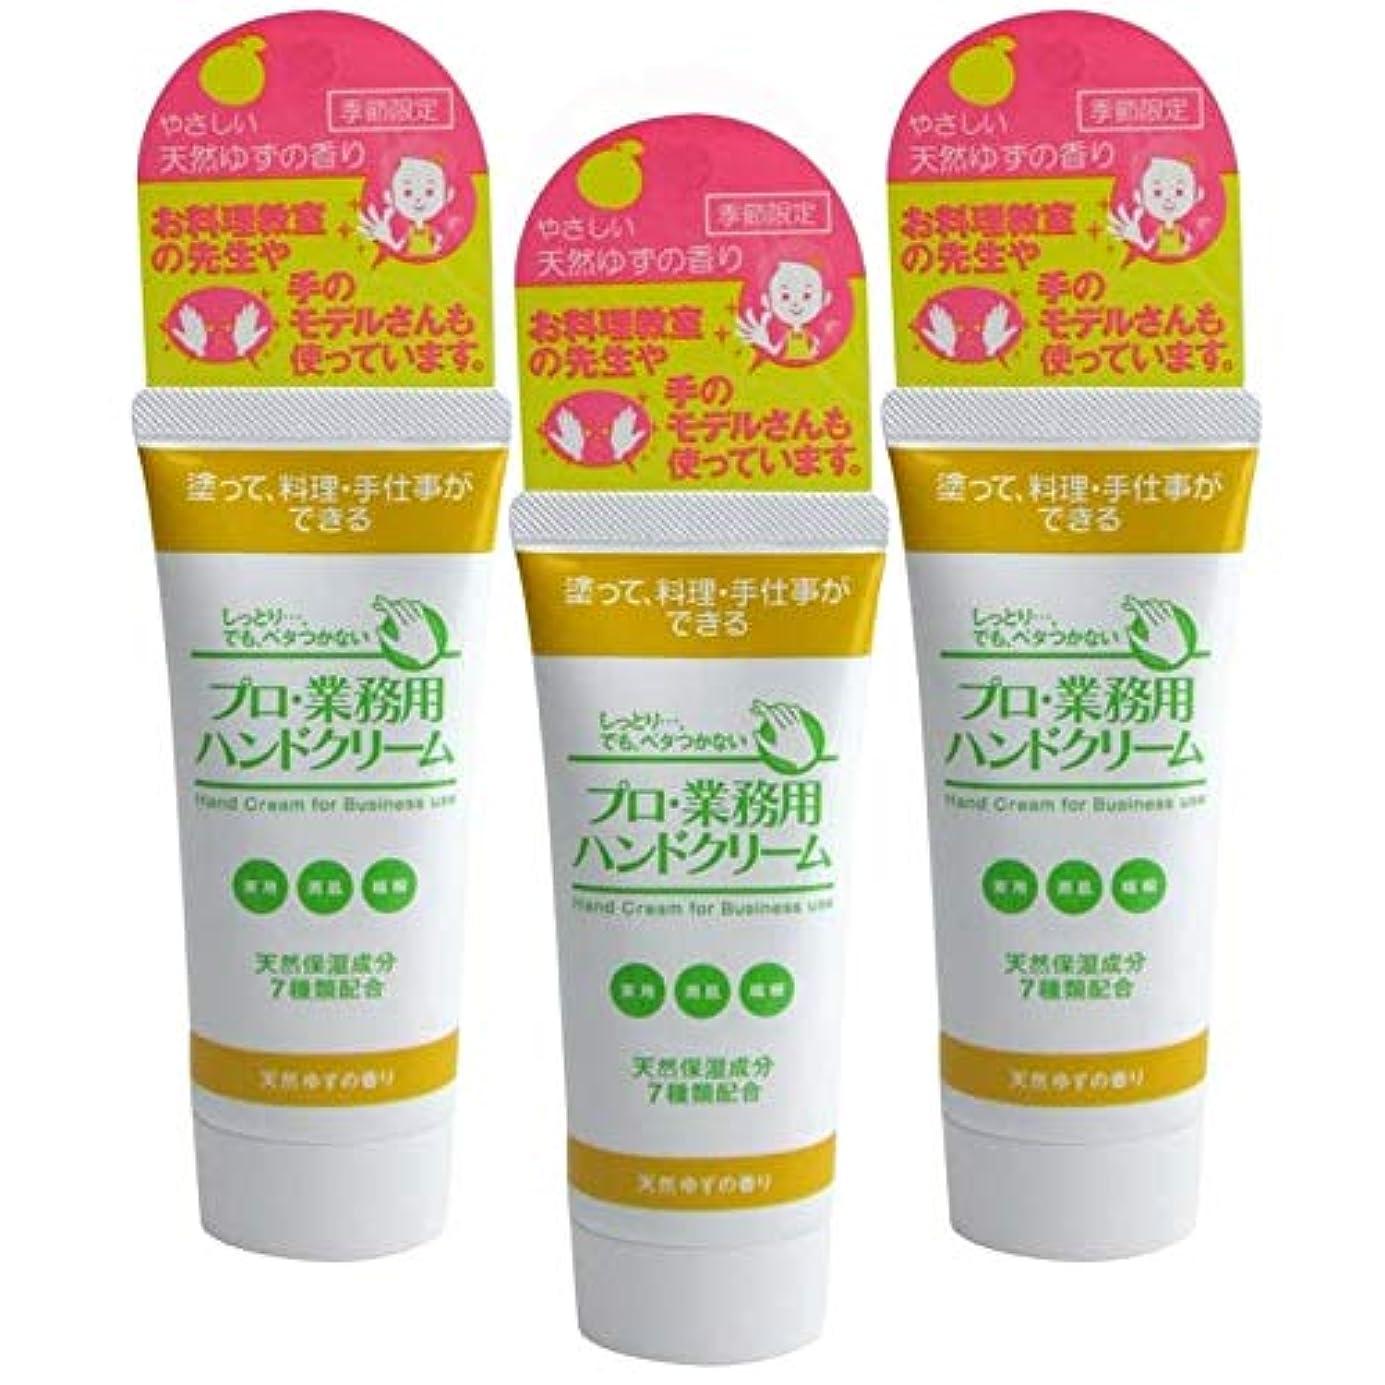 キャスト著者保証するプロ業務用ハンドクリーム 天然ゆずの香り 60g 3個セット